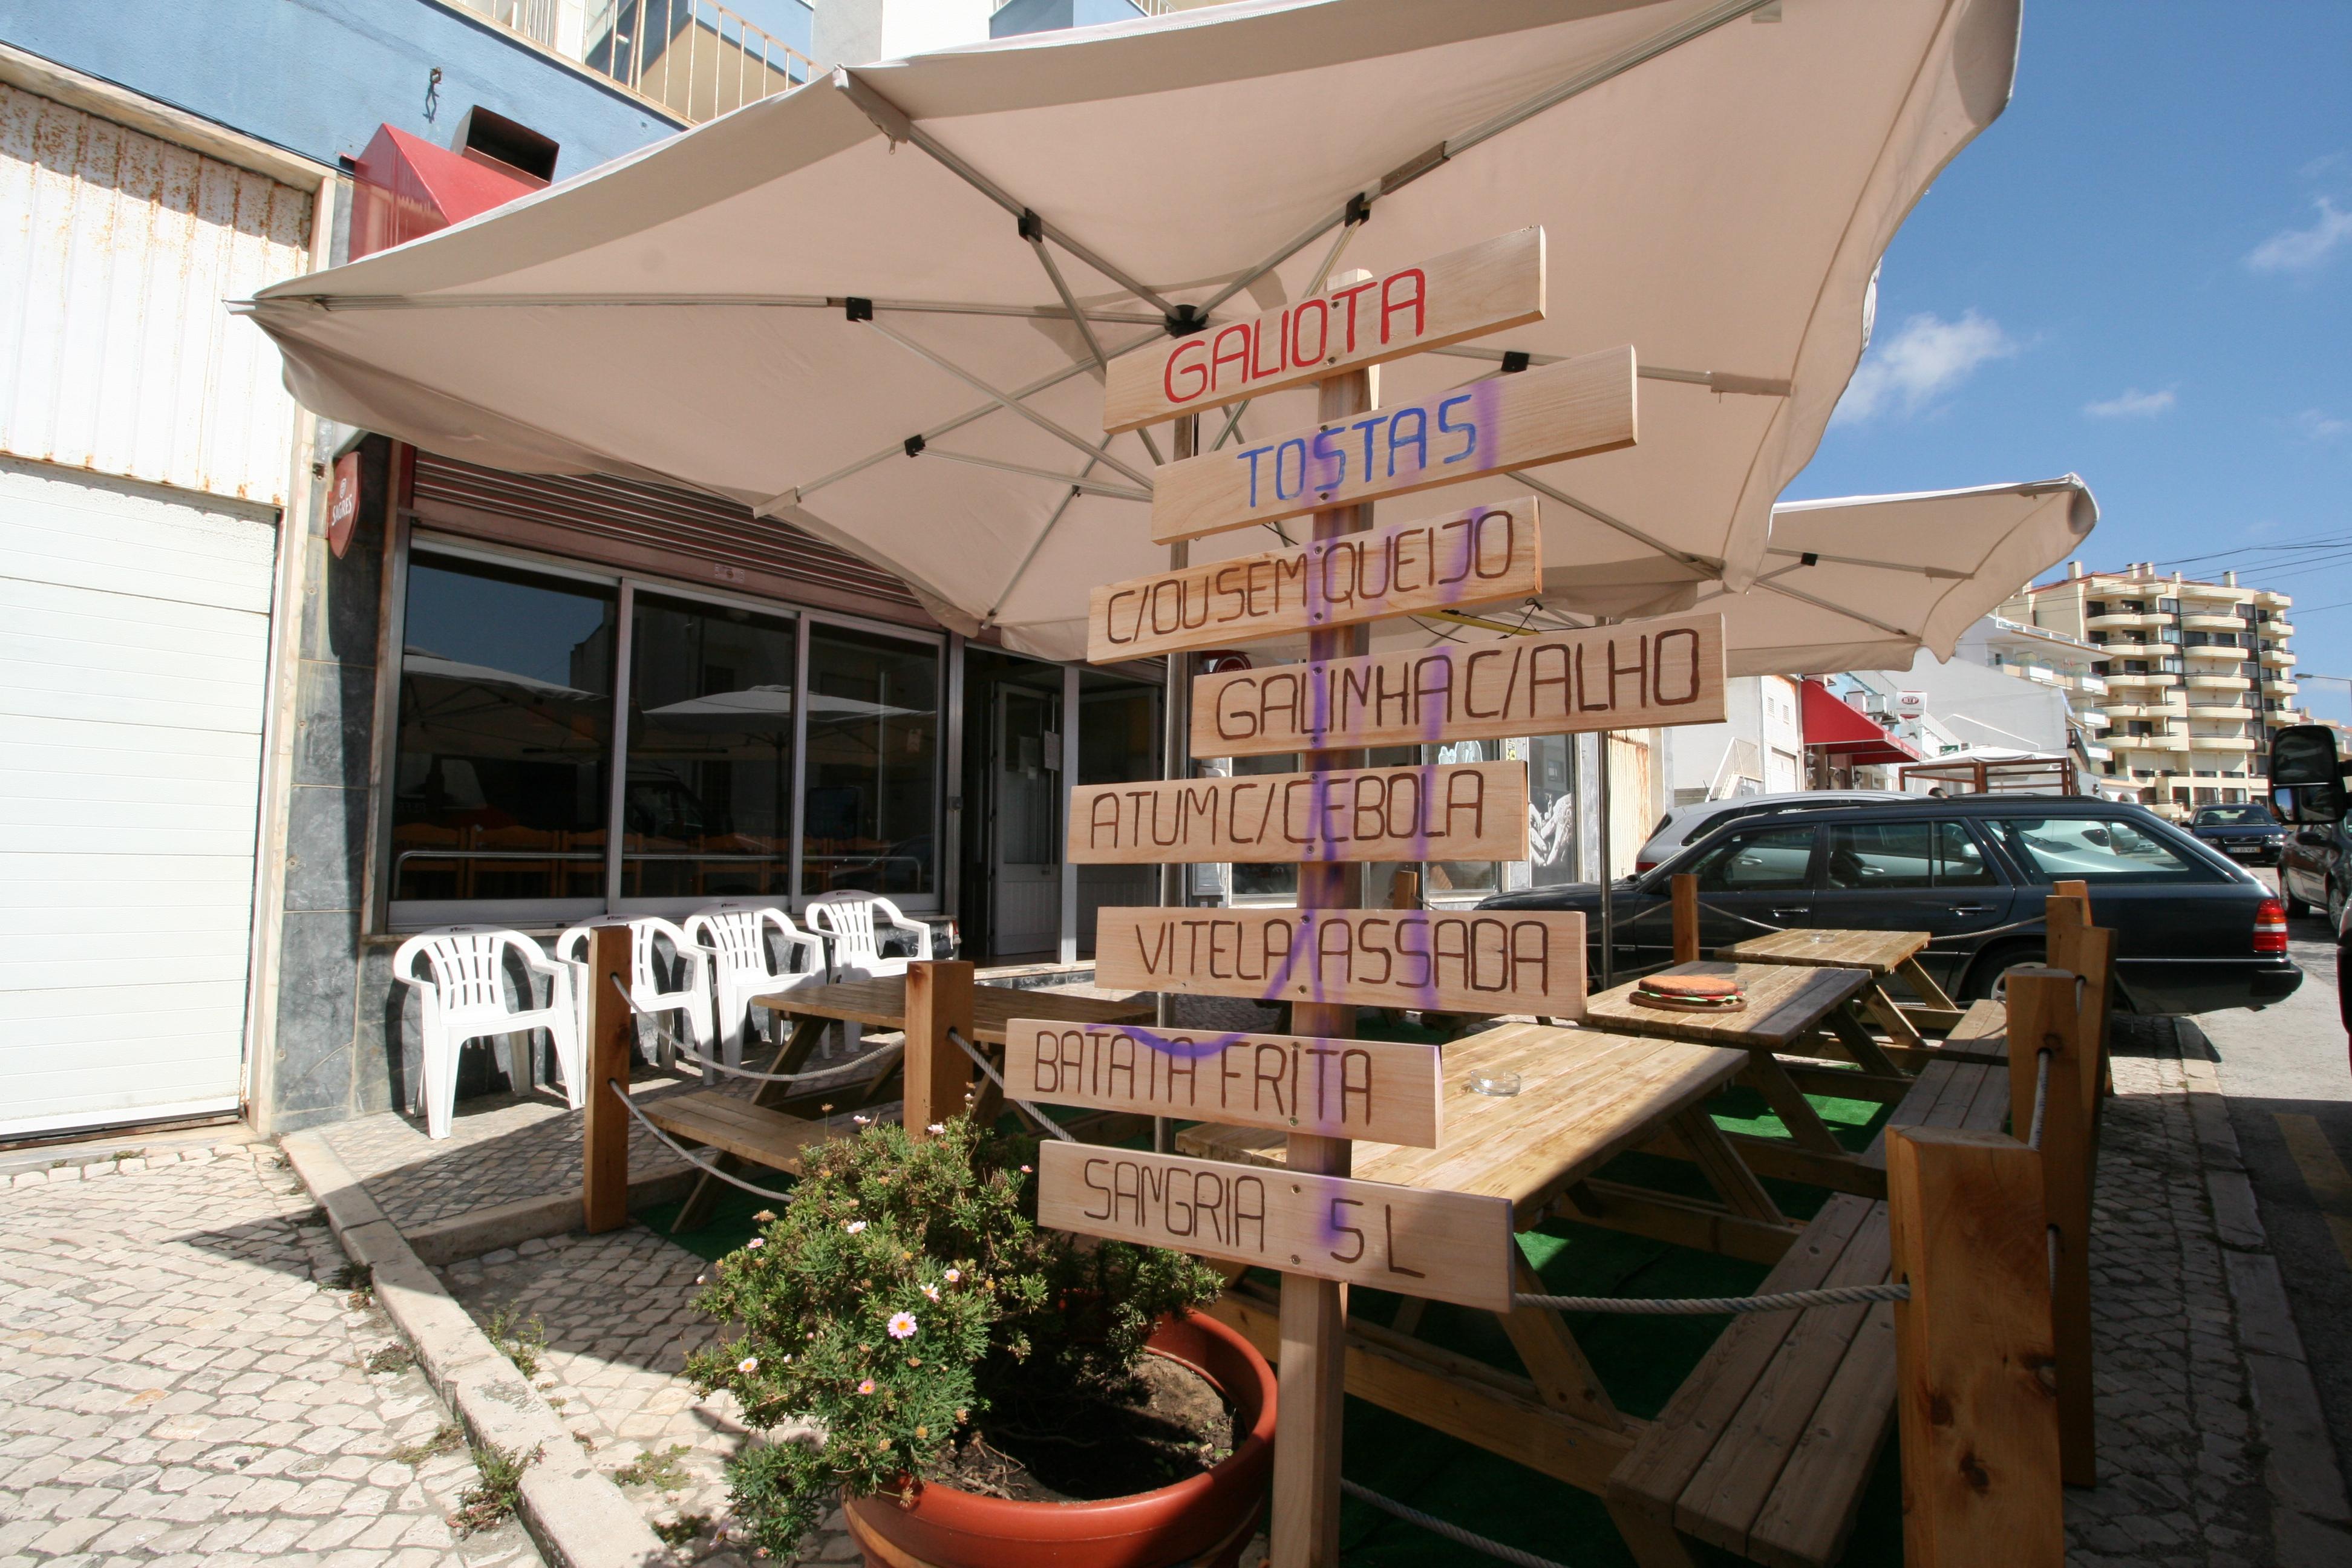 Galiota - Restaurante Snack-bar